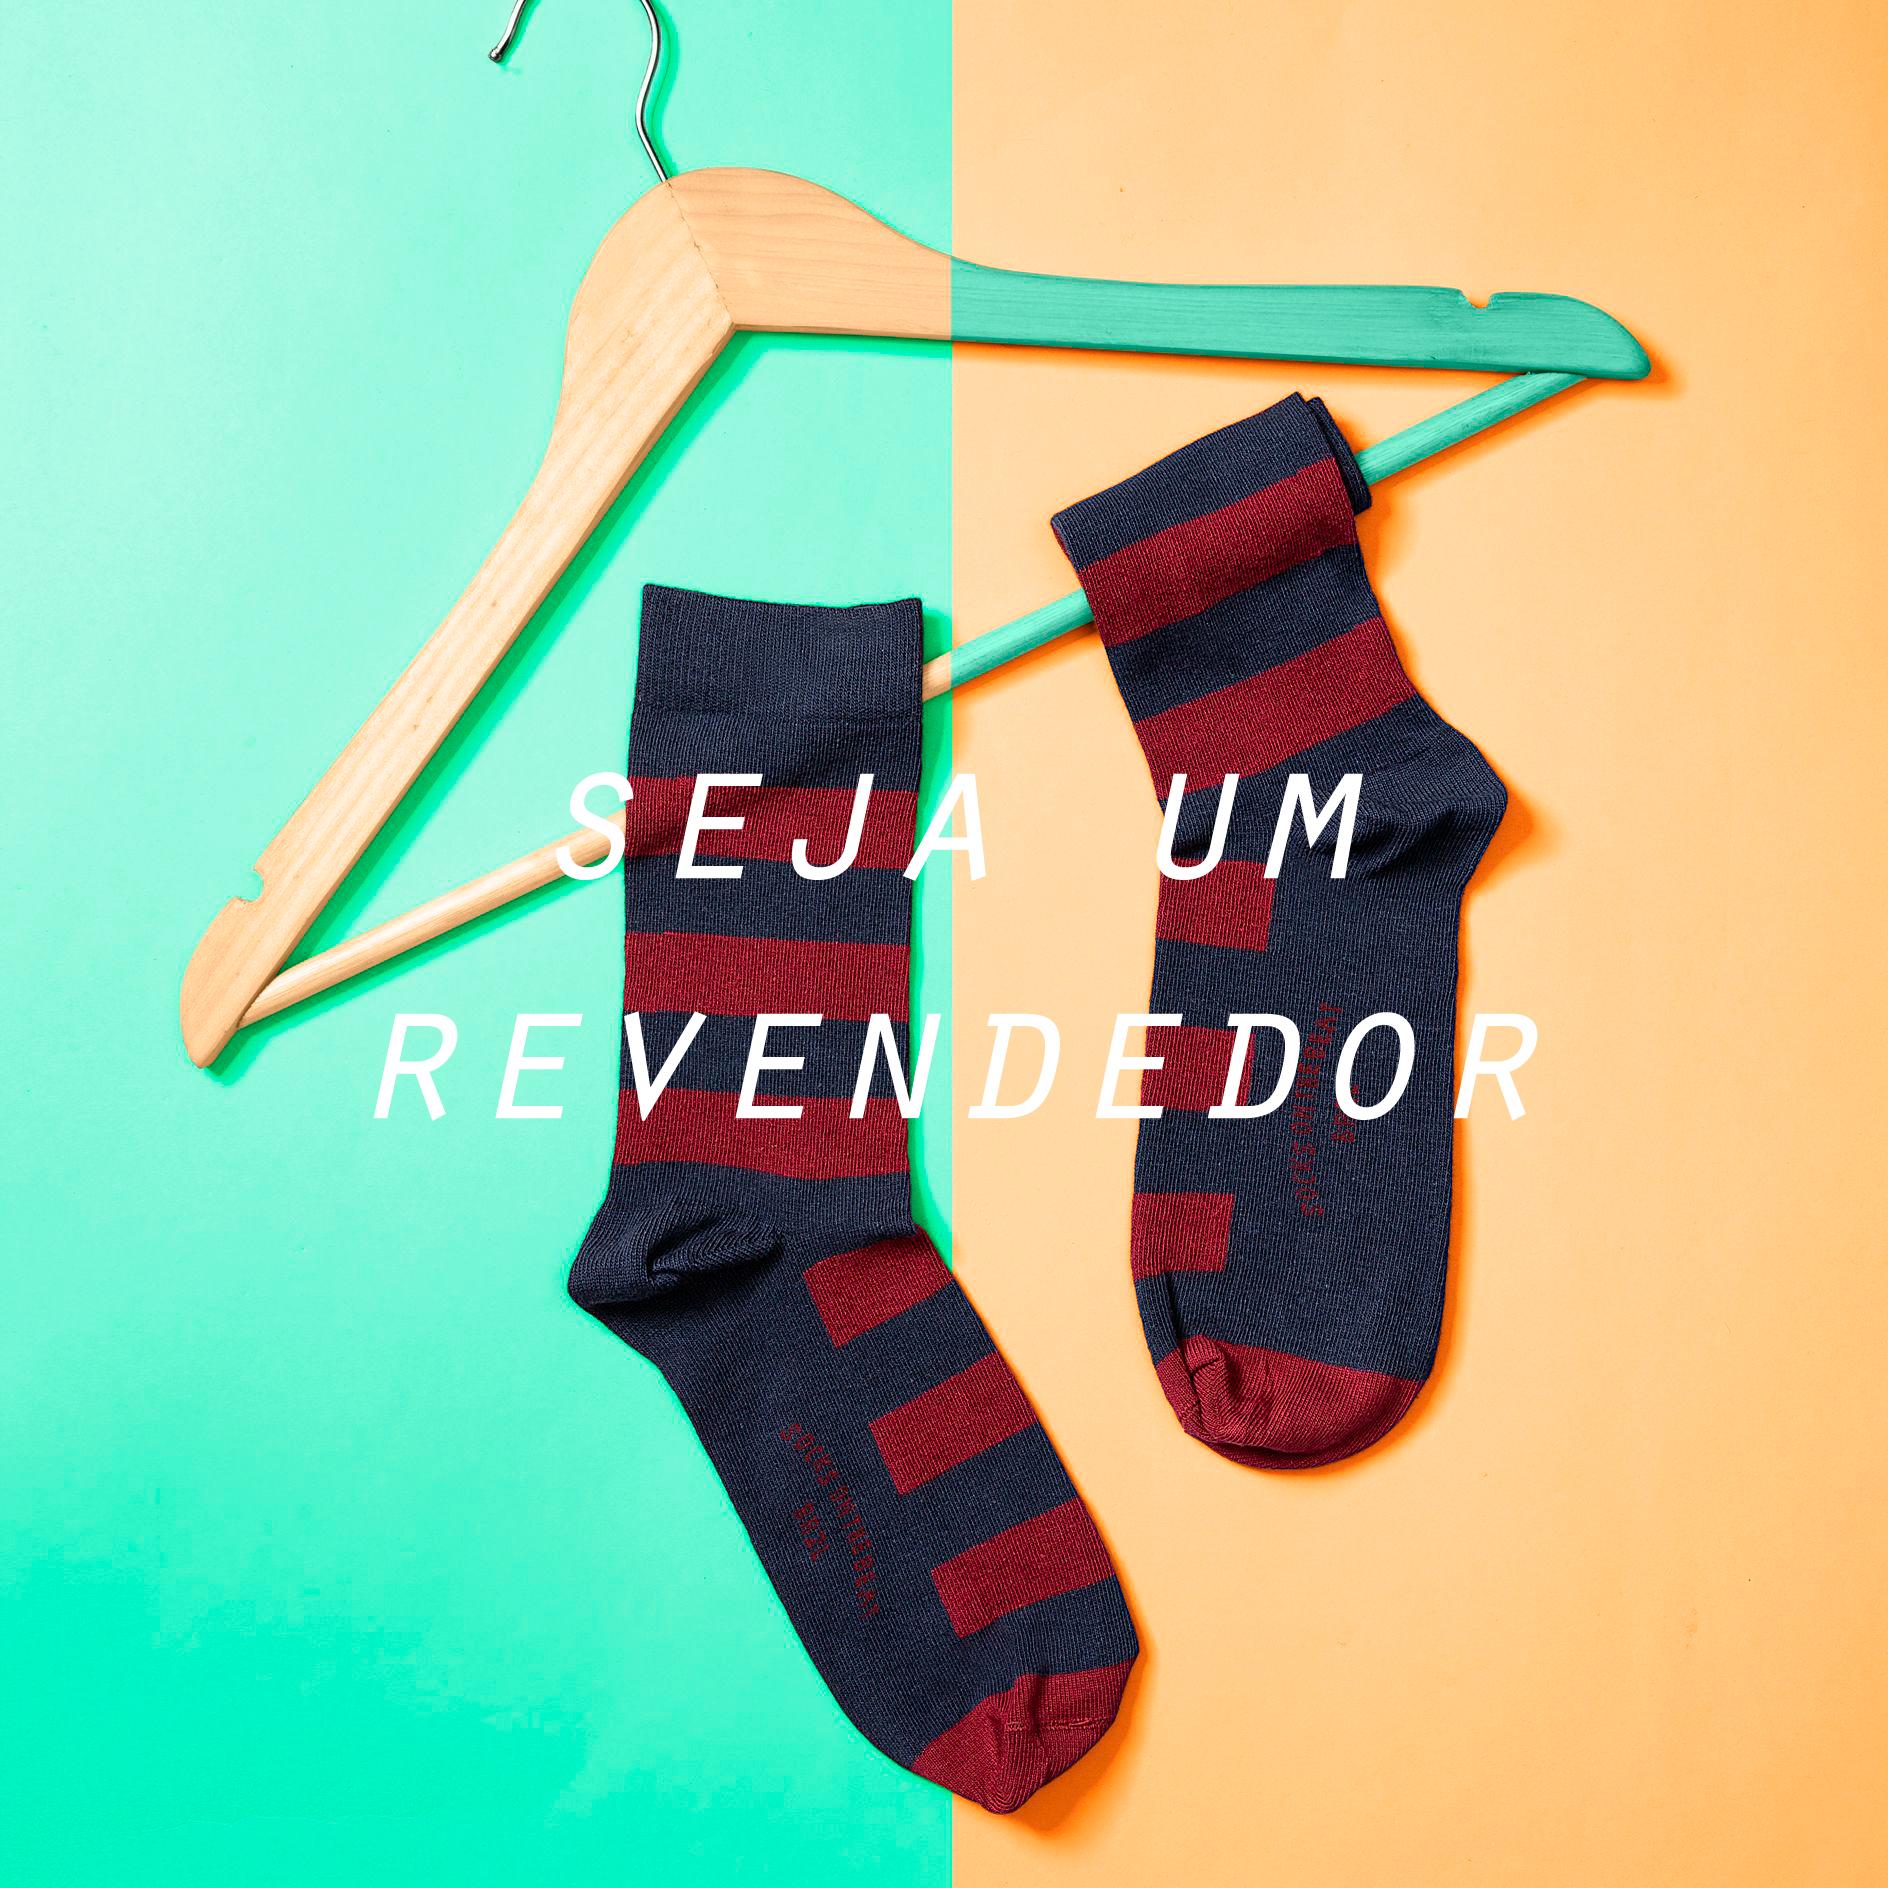 sotb_revendedor-socks-on-the-beat